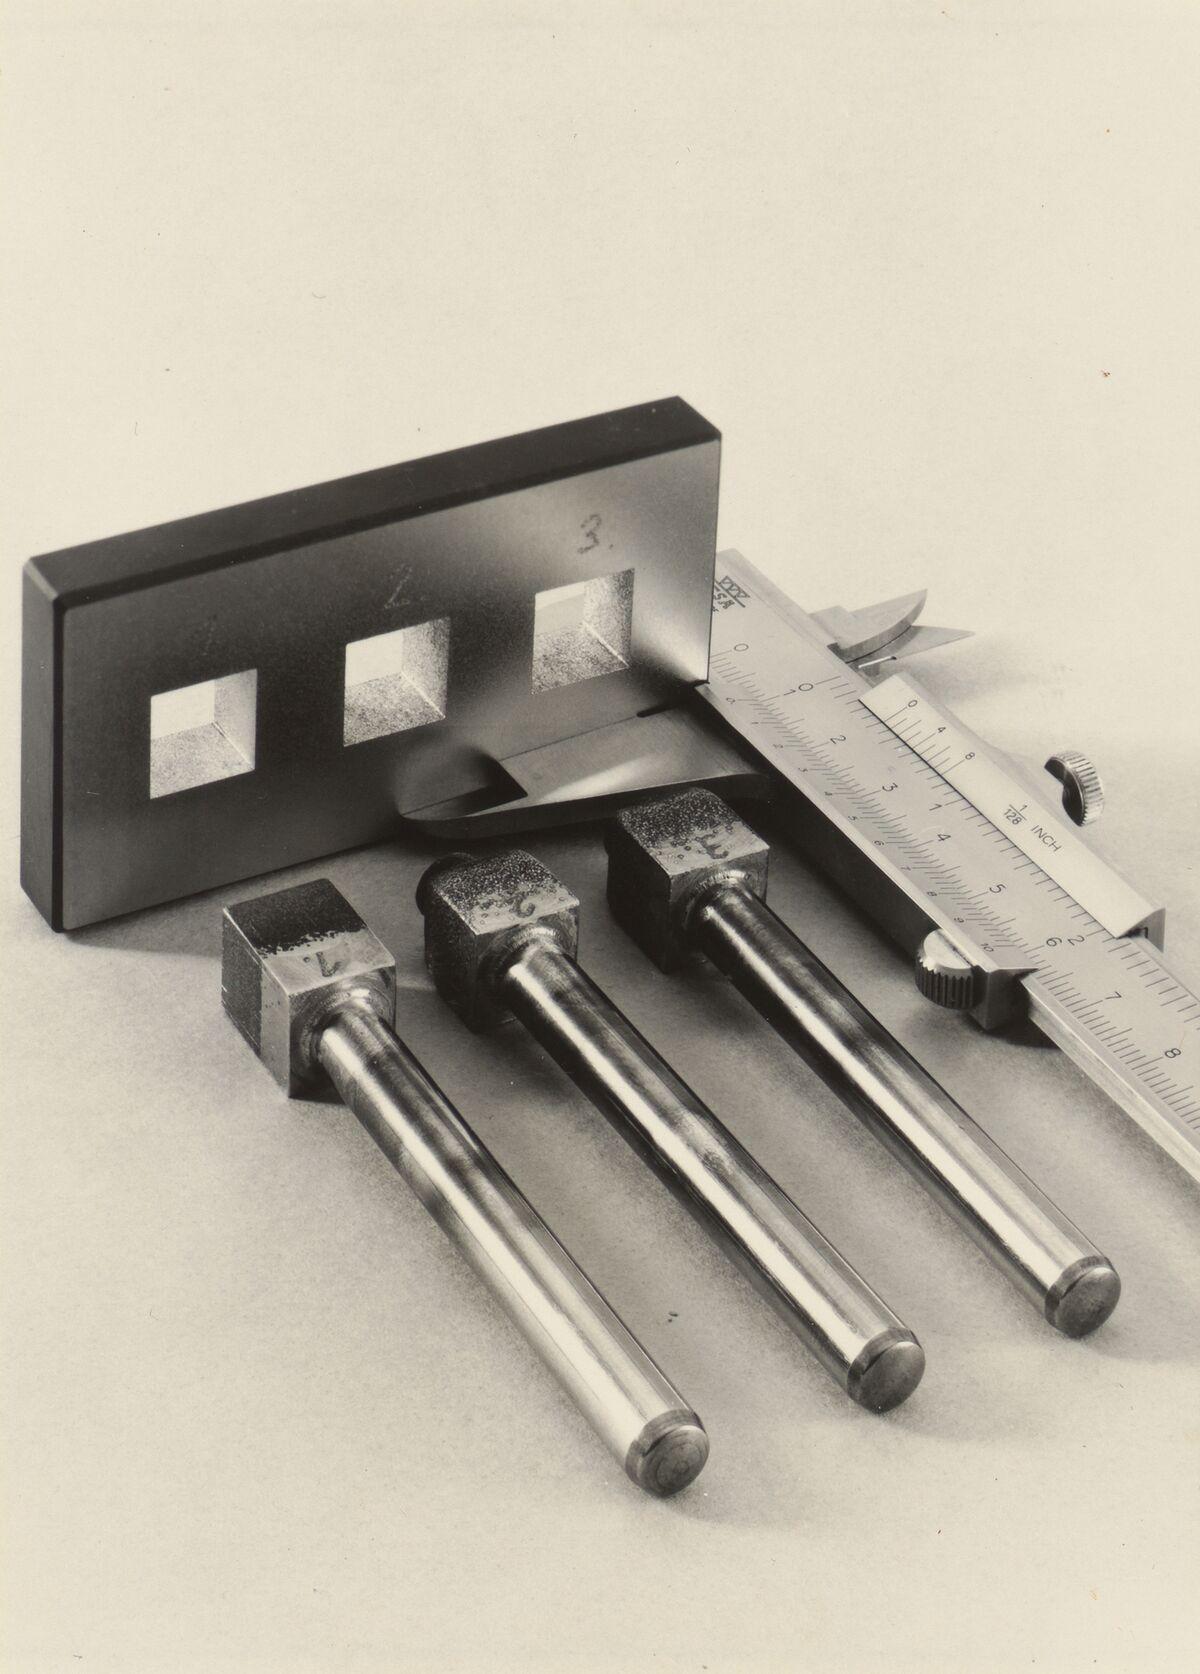 GFA 42/86147: Vergleichsstücke für das Erodieren mit unterschiedlicher Stromstärke und Impulsfolge